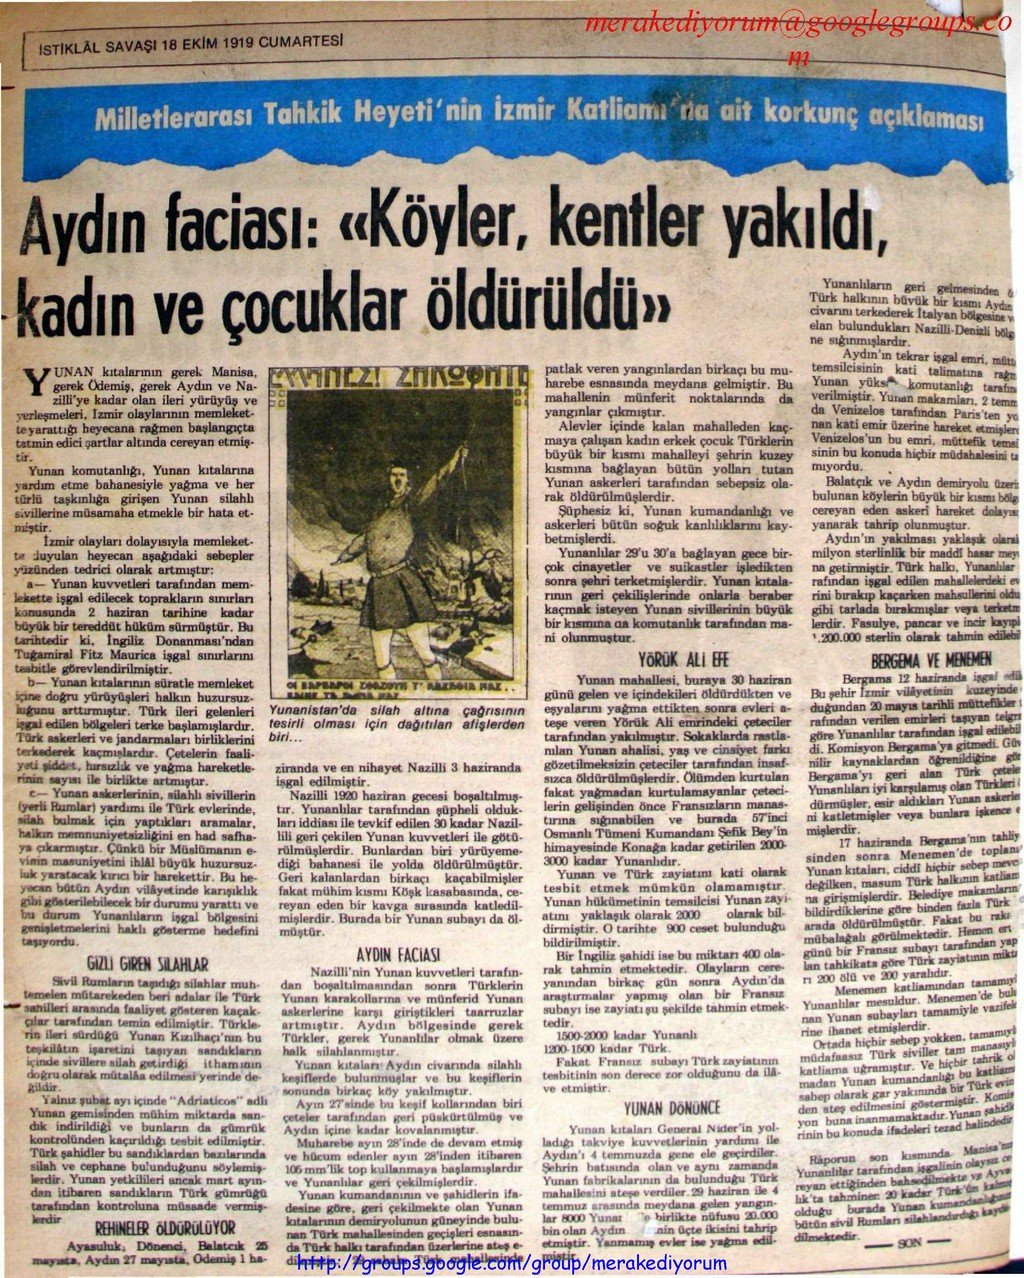 istiklal savaşı gazetesi - 18 ekim 1919